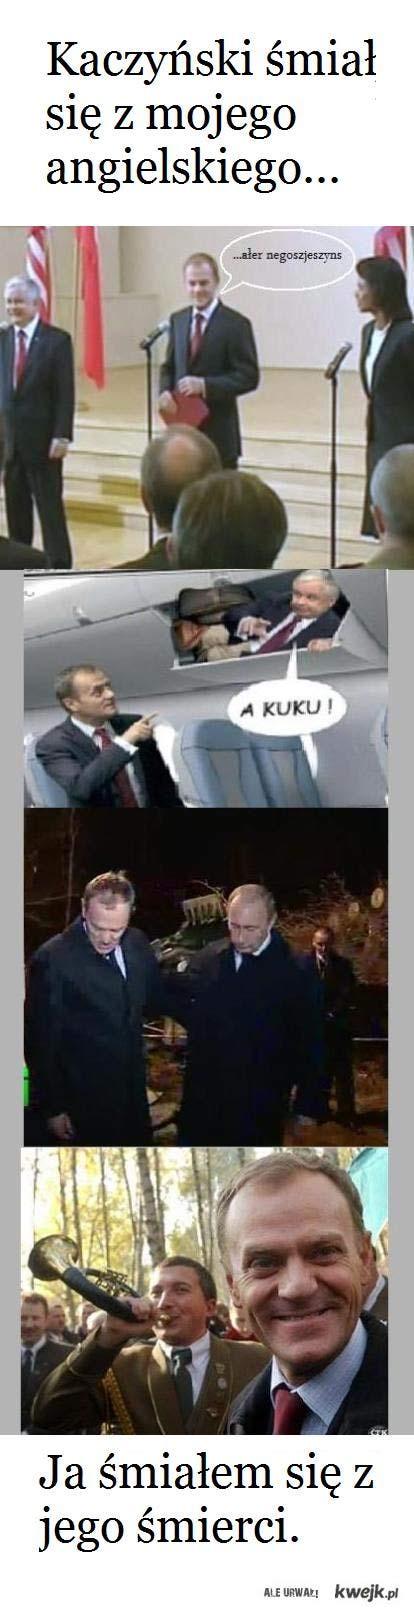 Kaczyński śmiał się z mojego angielskiego...